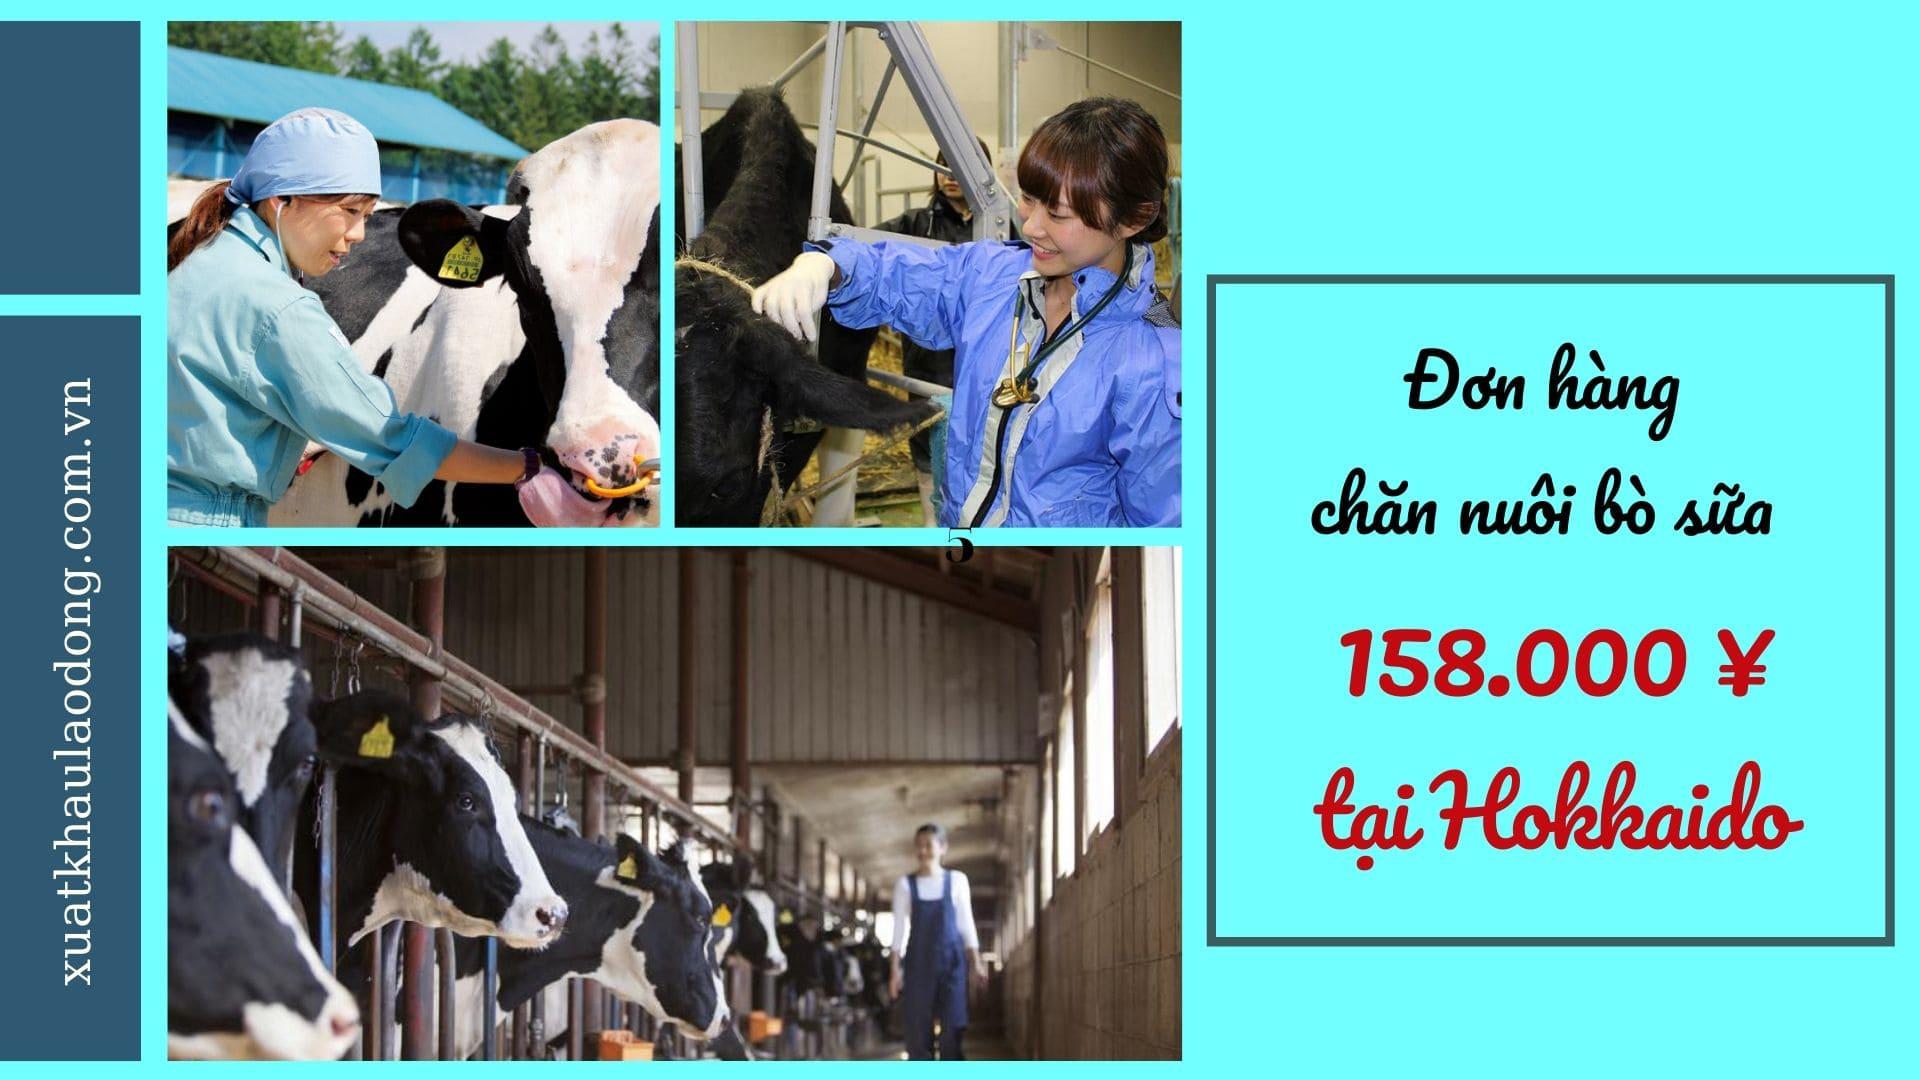 Đơn hàng chăn nuôi bò sữa tại Hokkaido LƯƠNG SIÊU CAO, tuyển gấp 11/2019